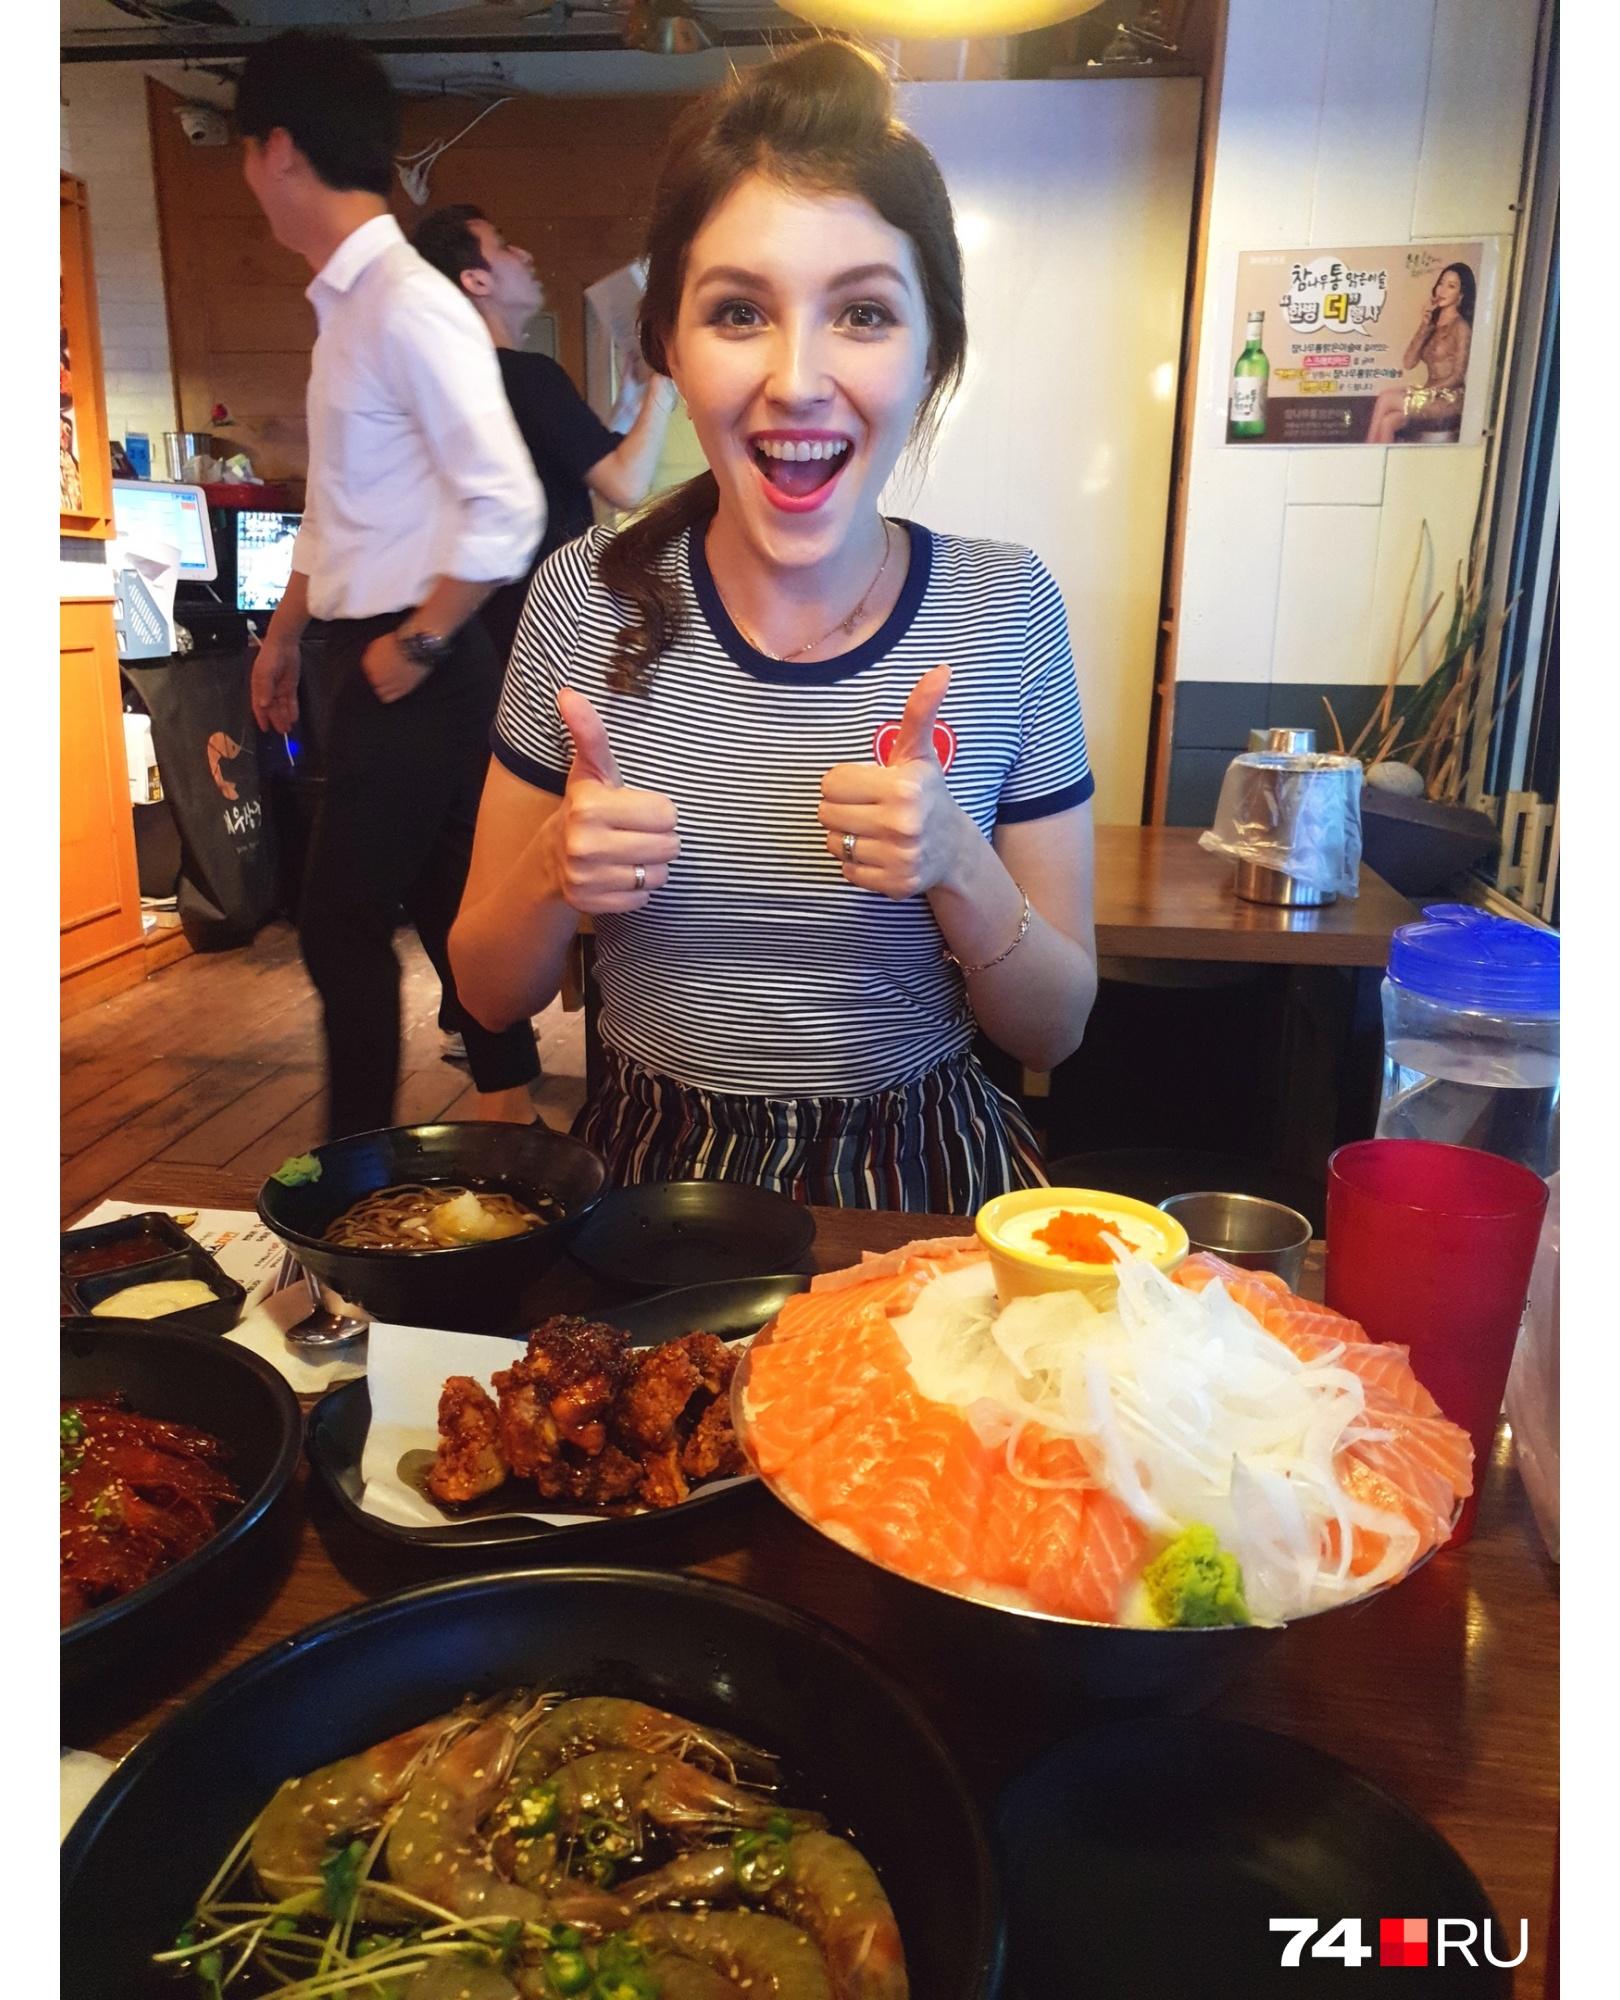 Зоя поддерживает корейский культ еды